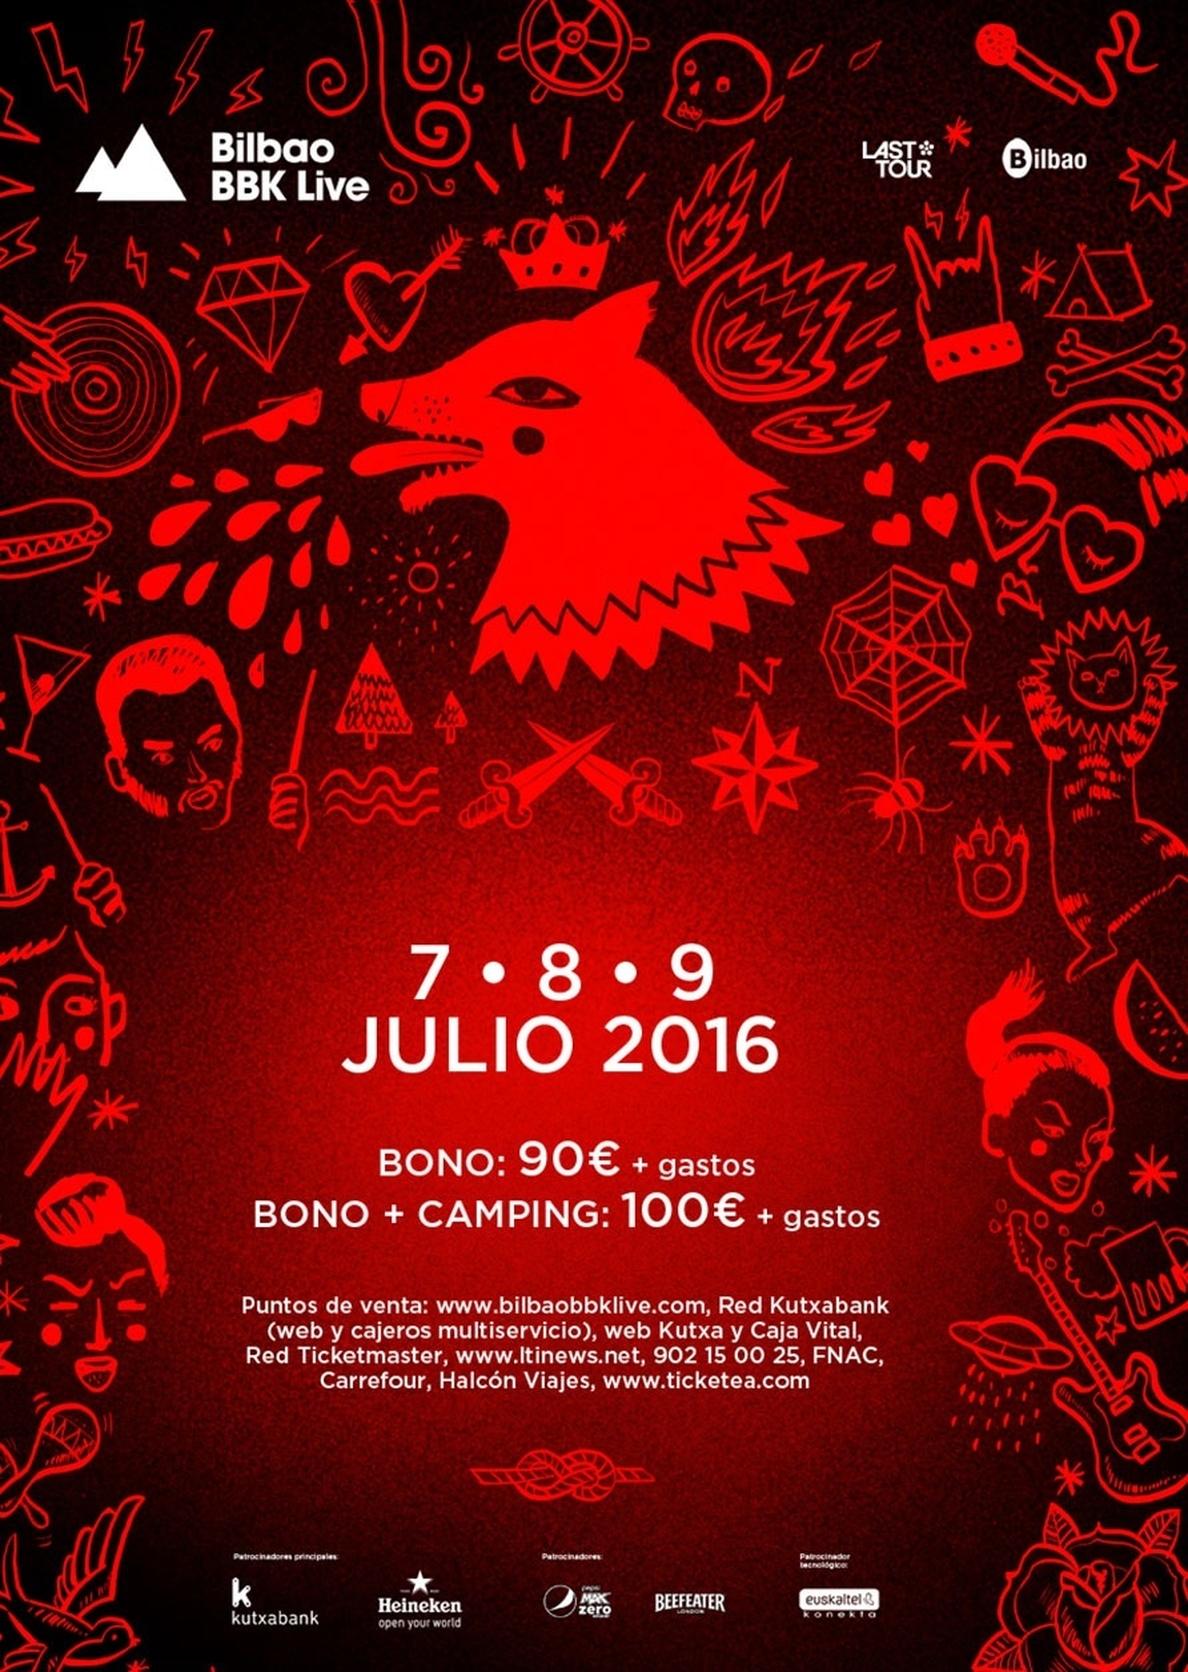 Bilbao BBK Live, nominado a los European Festival Awards y los UK Festival Awards